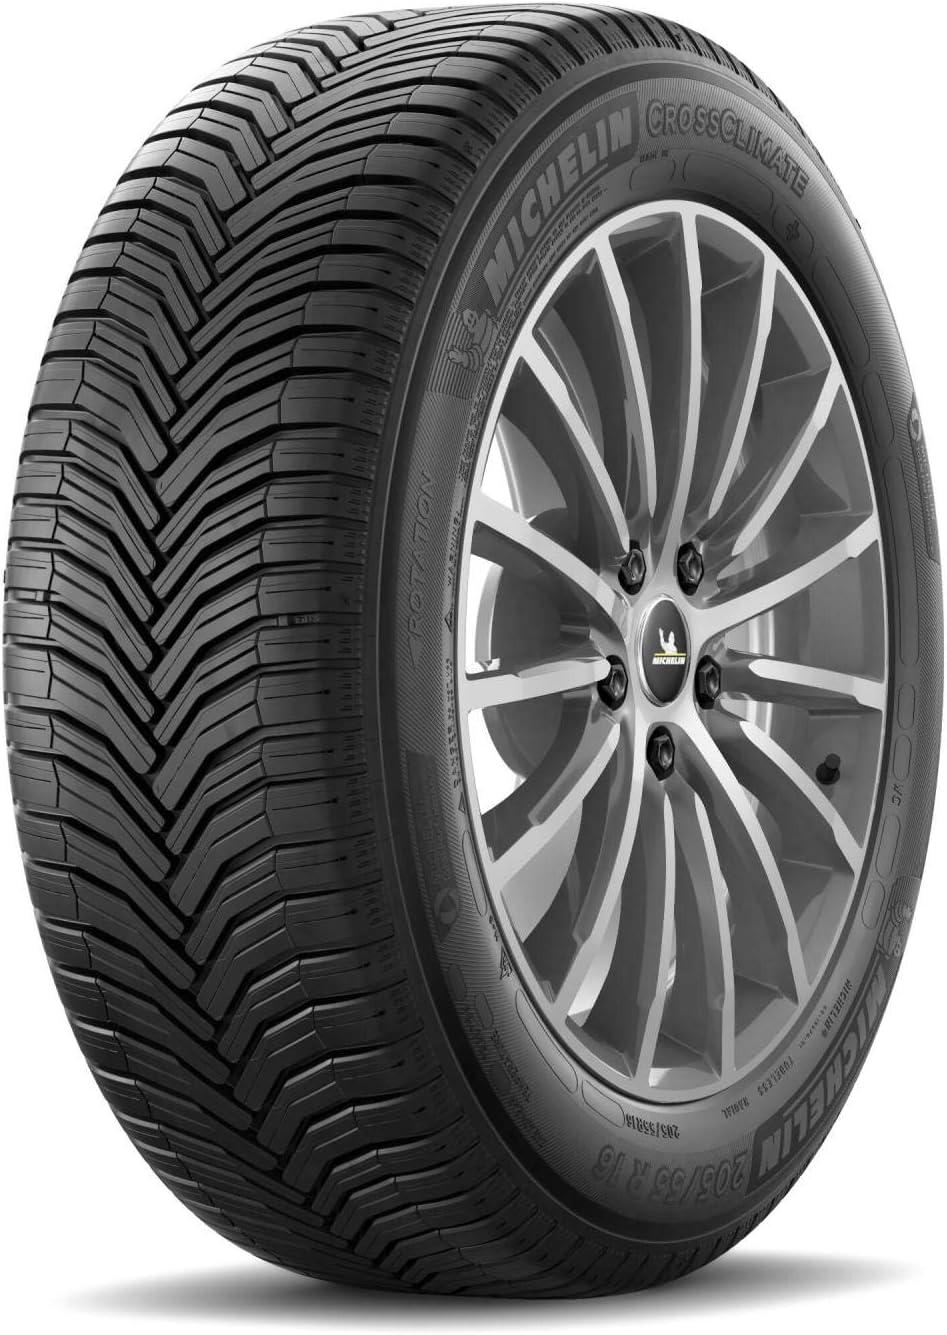 MICHELIN CROSSCLIMATE+ XL - 215/45/17 91W - B/C/69dB - Neumáticos All Season (Coche)